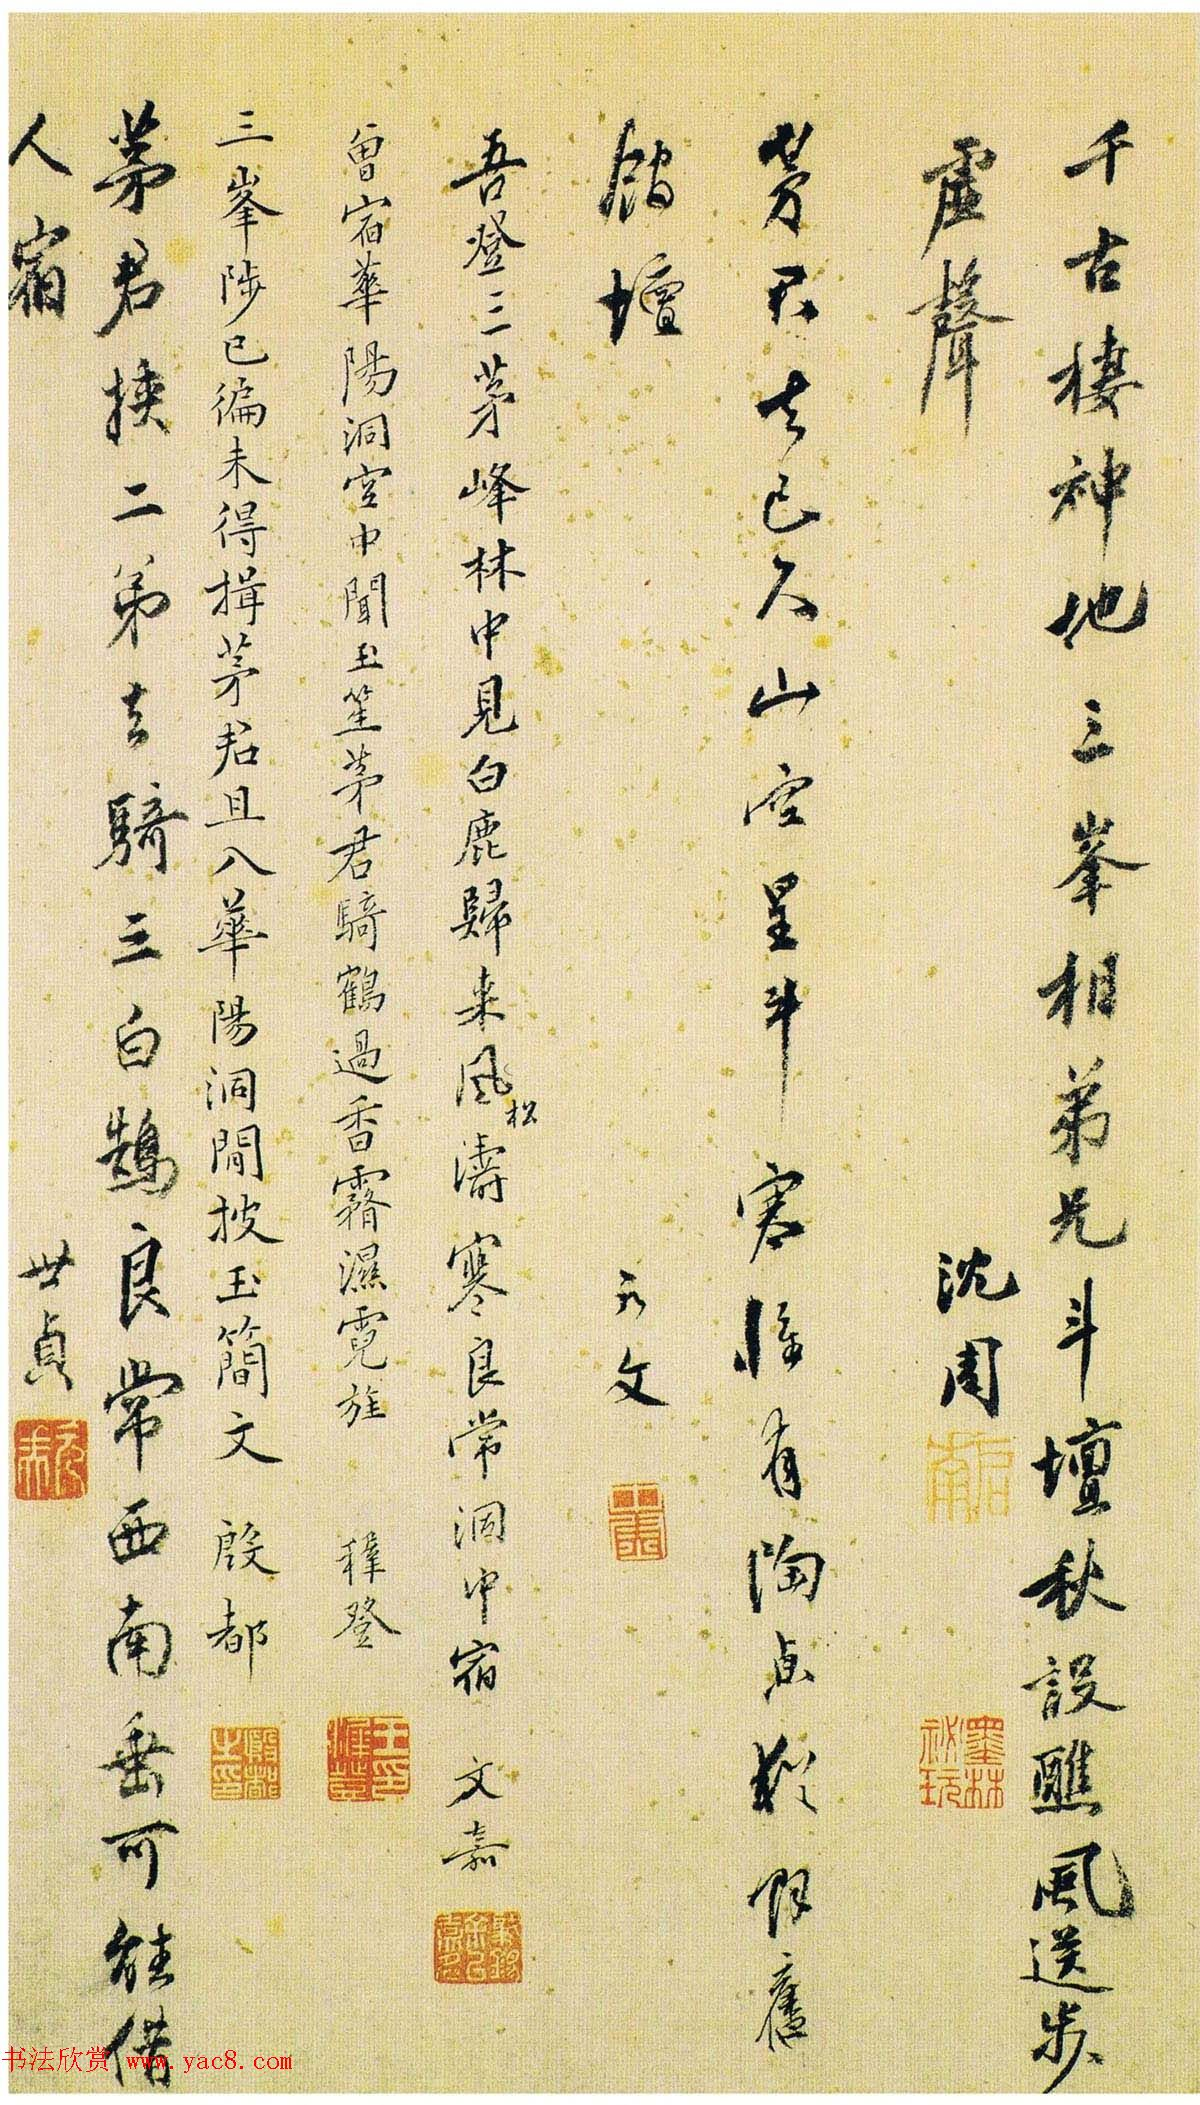 吴门画派班首沈周书法字画欣赏《雨江名胜图册》